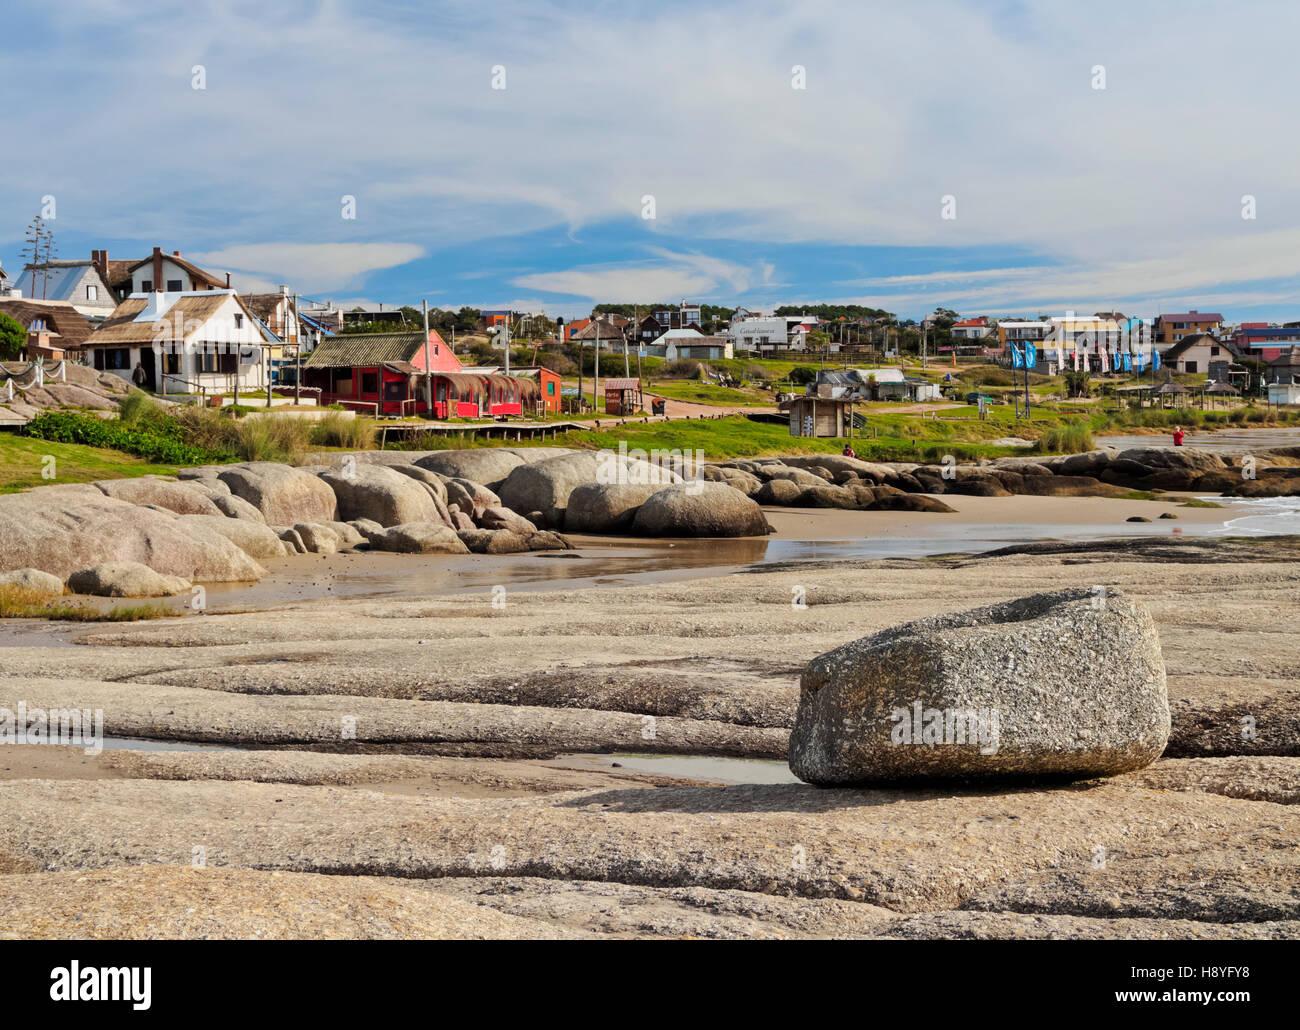 Uruguay, Departamento de Rocha, vista de la Punta del Diablo. Imagen De Stock